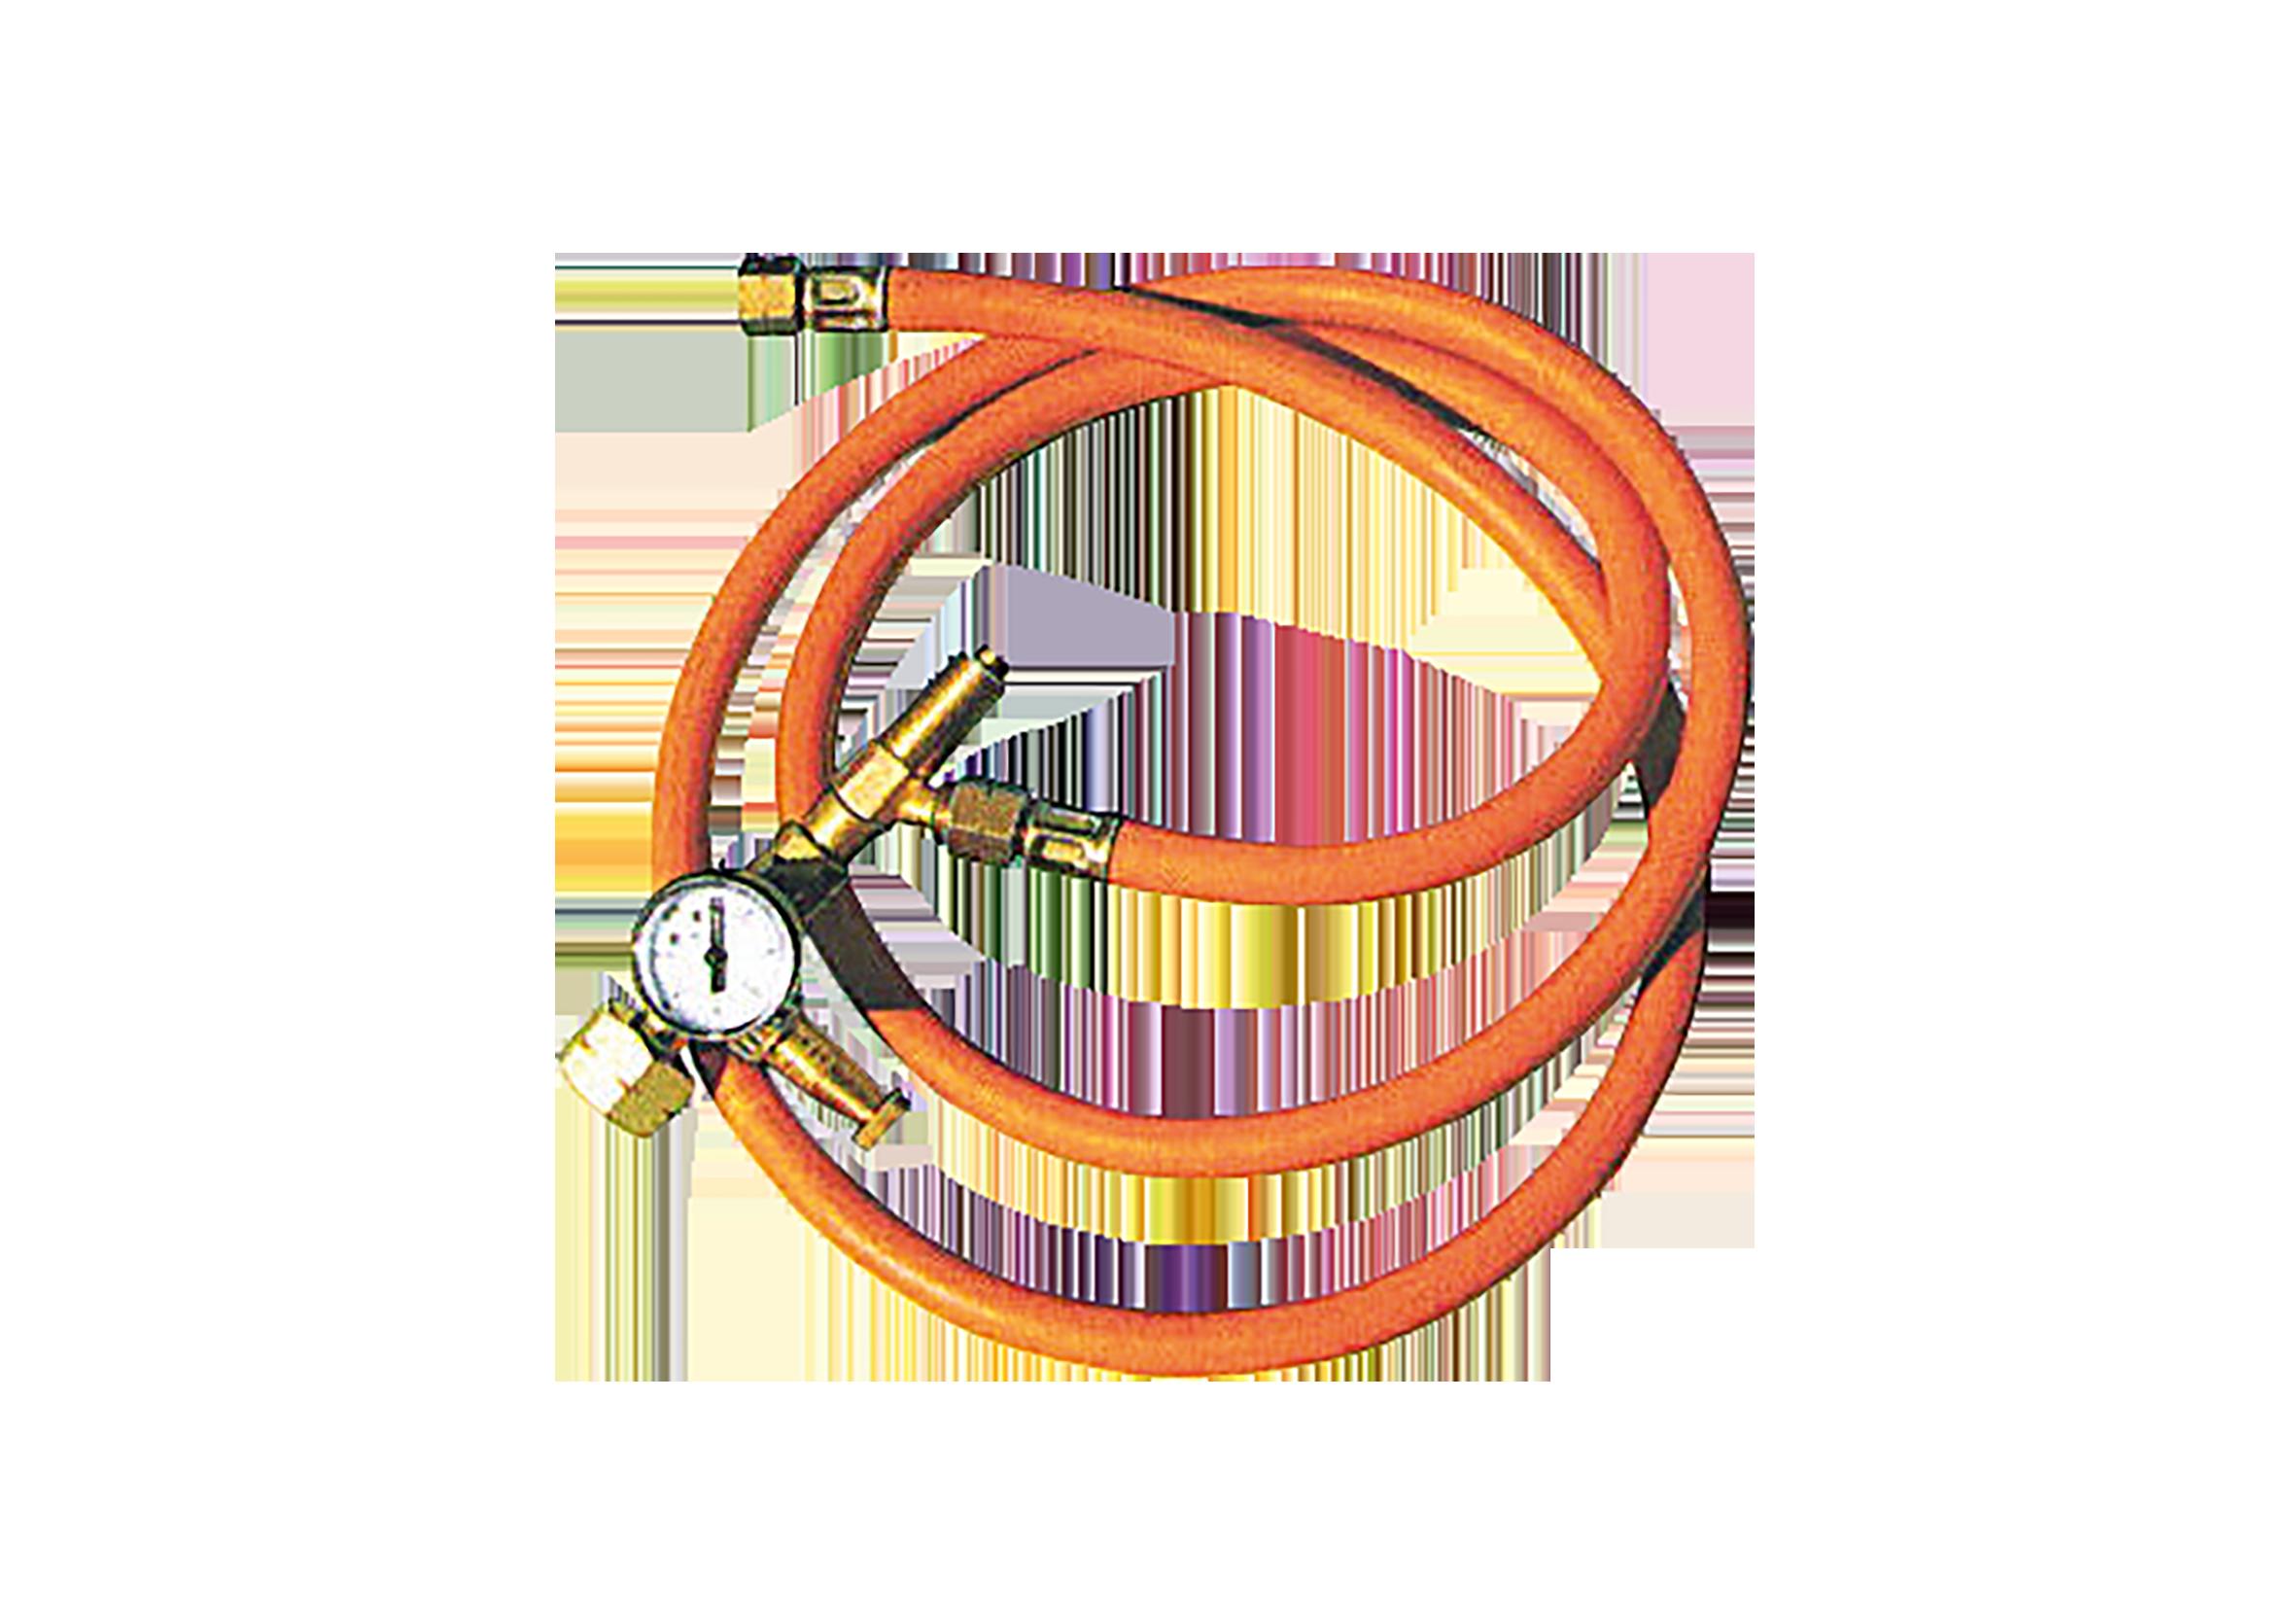 Hochdruckschlauch / High-pressure hose